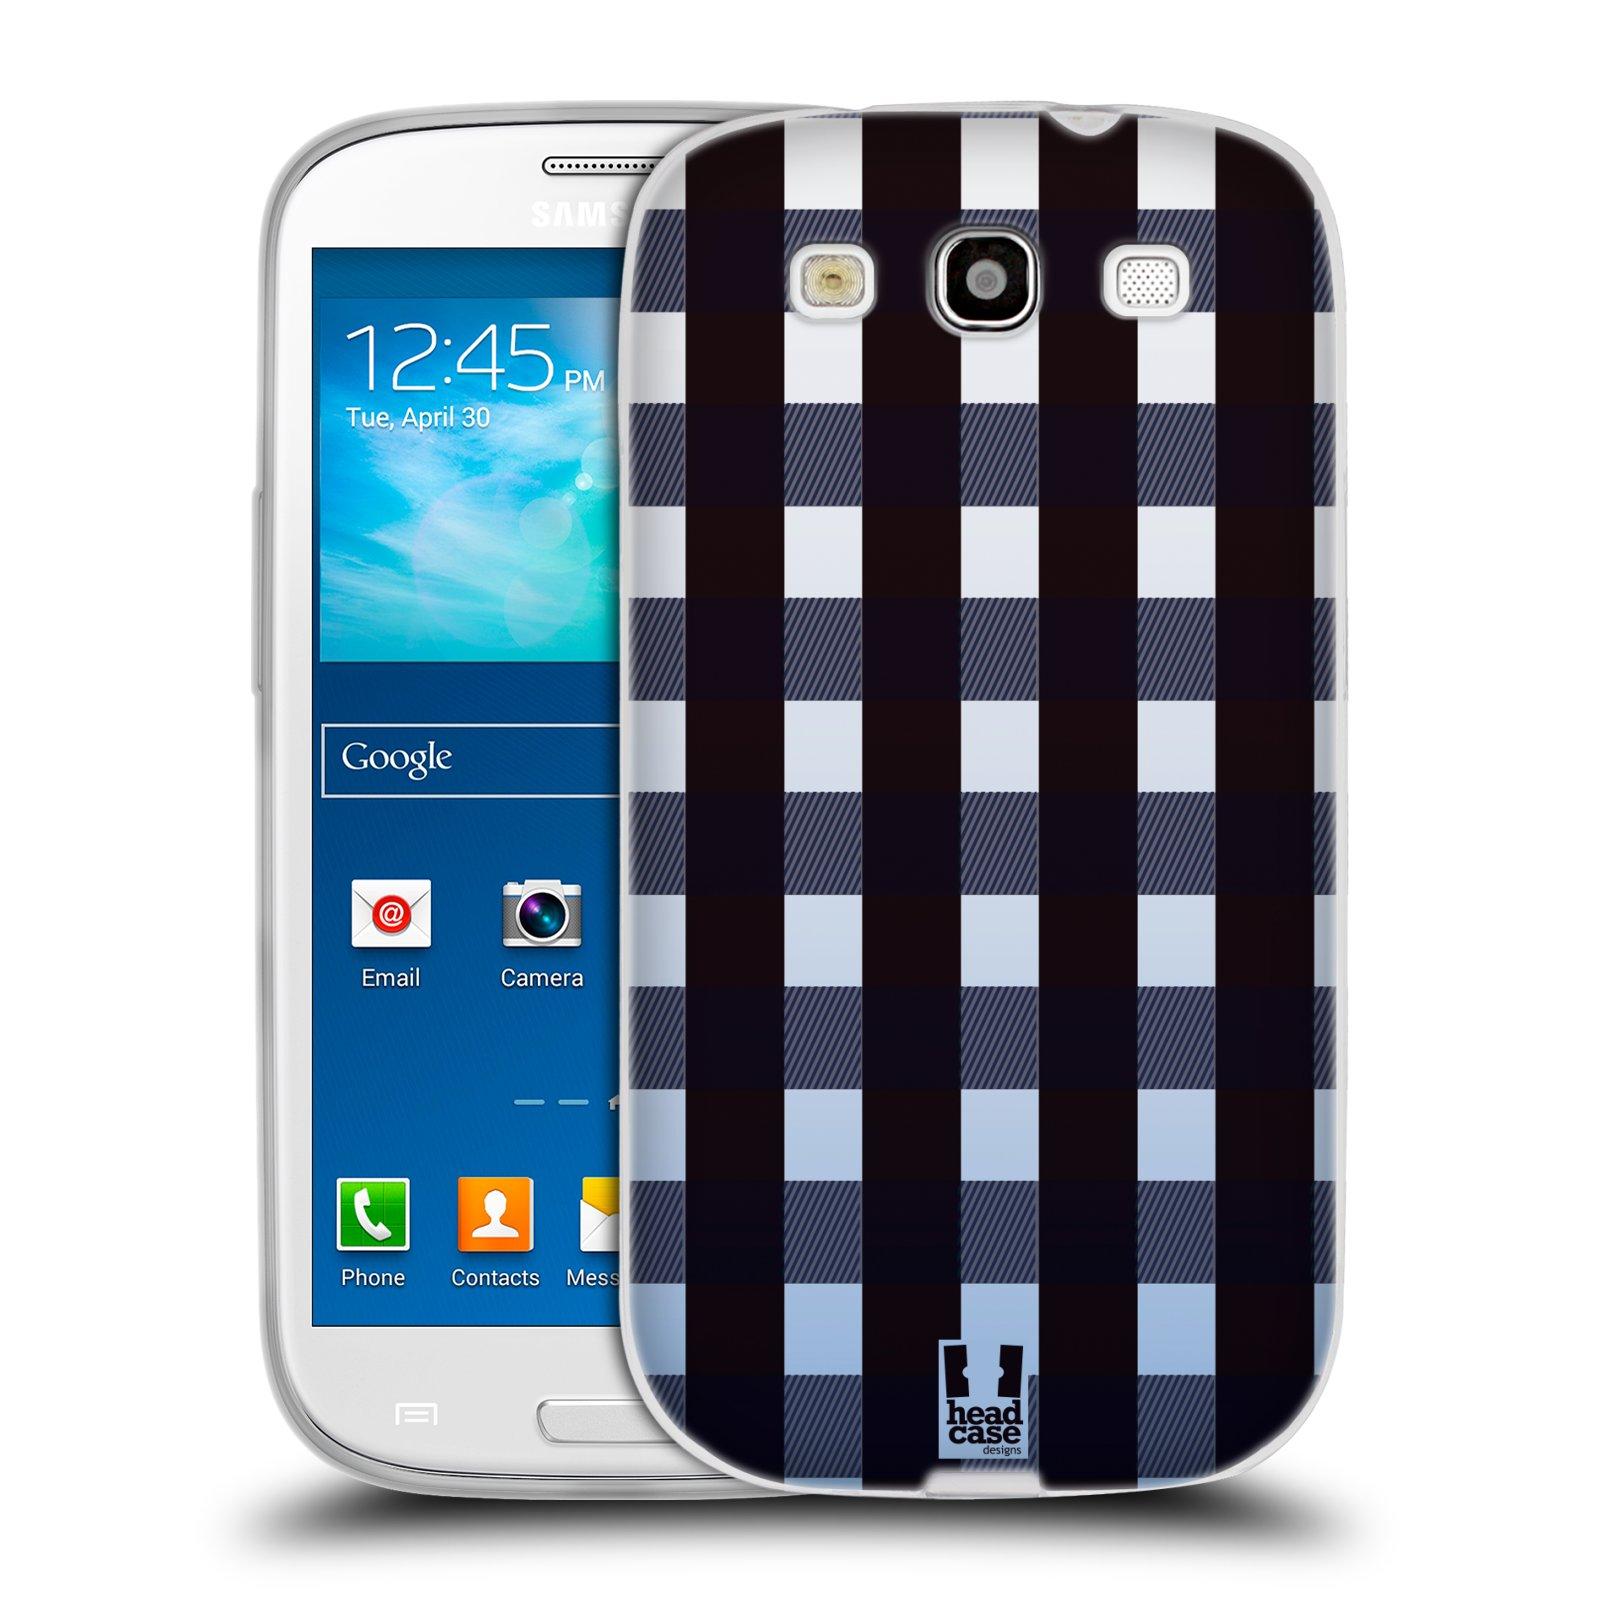 Silikonové pouzdro na mobil Samsung Galaxy S3 Neo HEAD CASE FLANEL OMBRE (Silikonový kryt či obal na mobilní telefon Samsung Galaxy S3 Neo GT-i9301i)